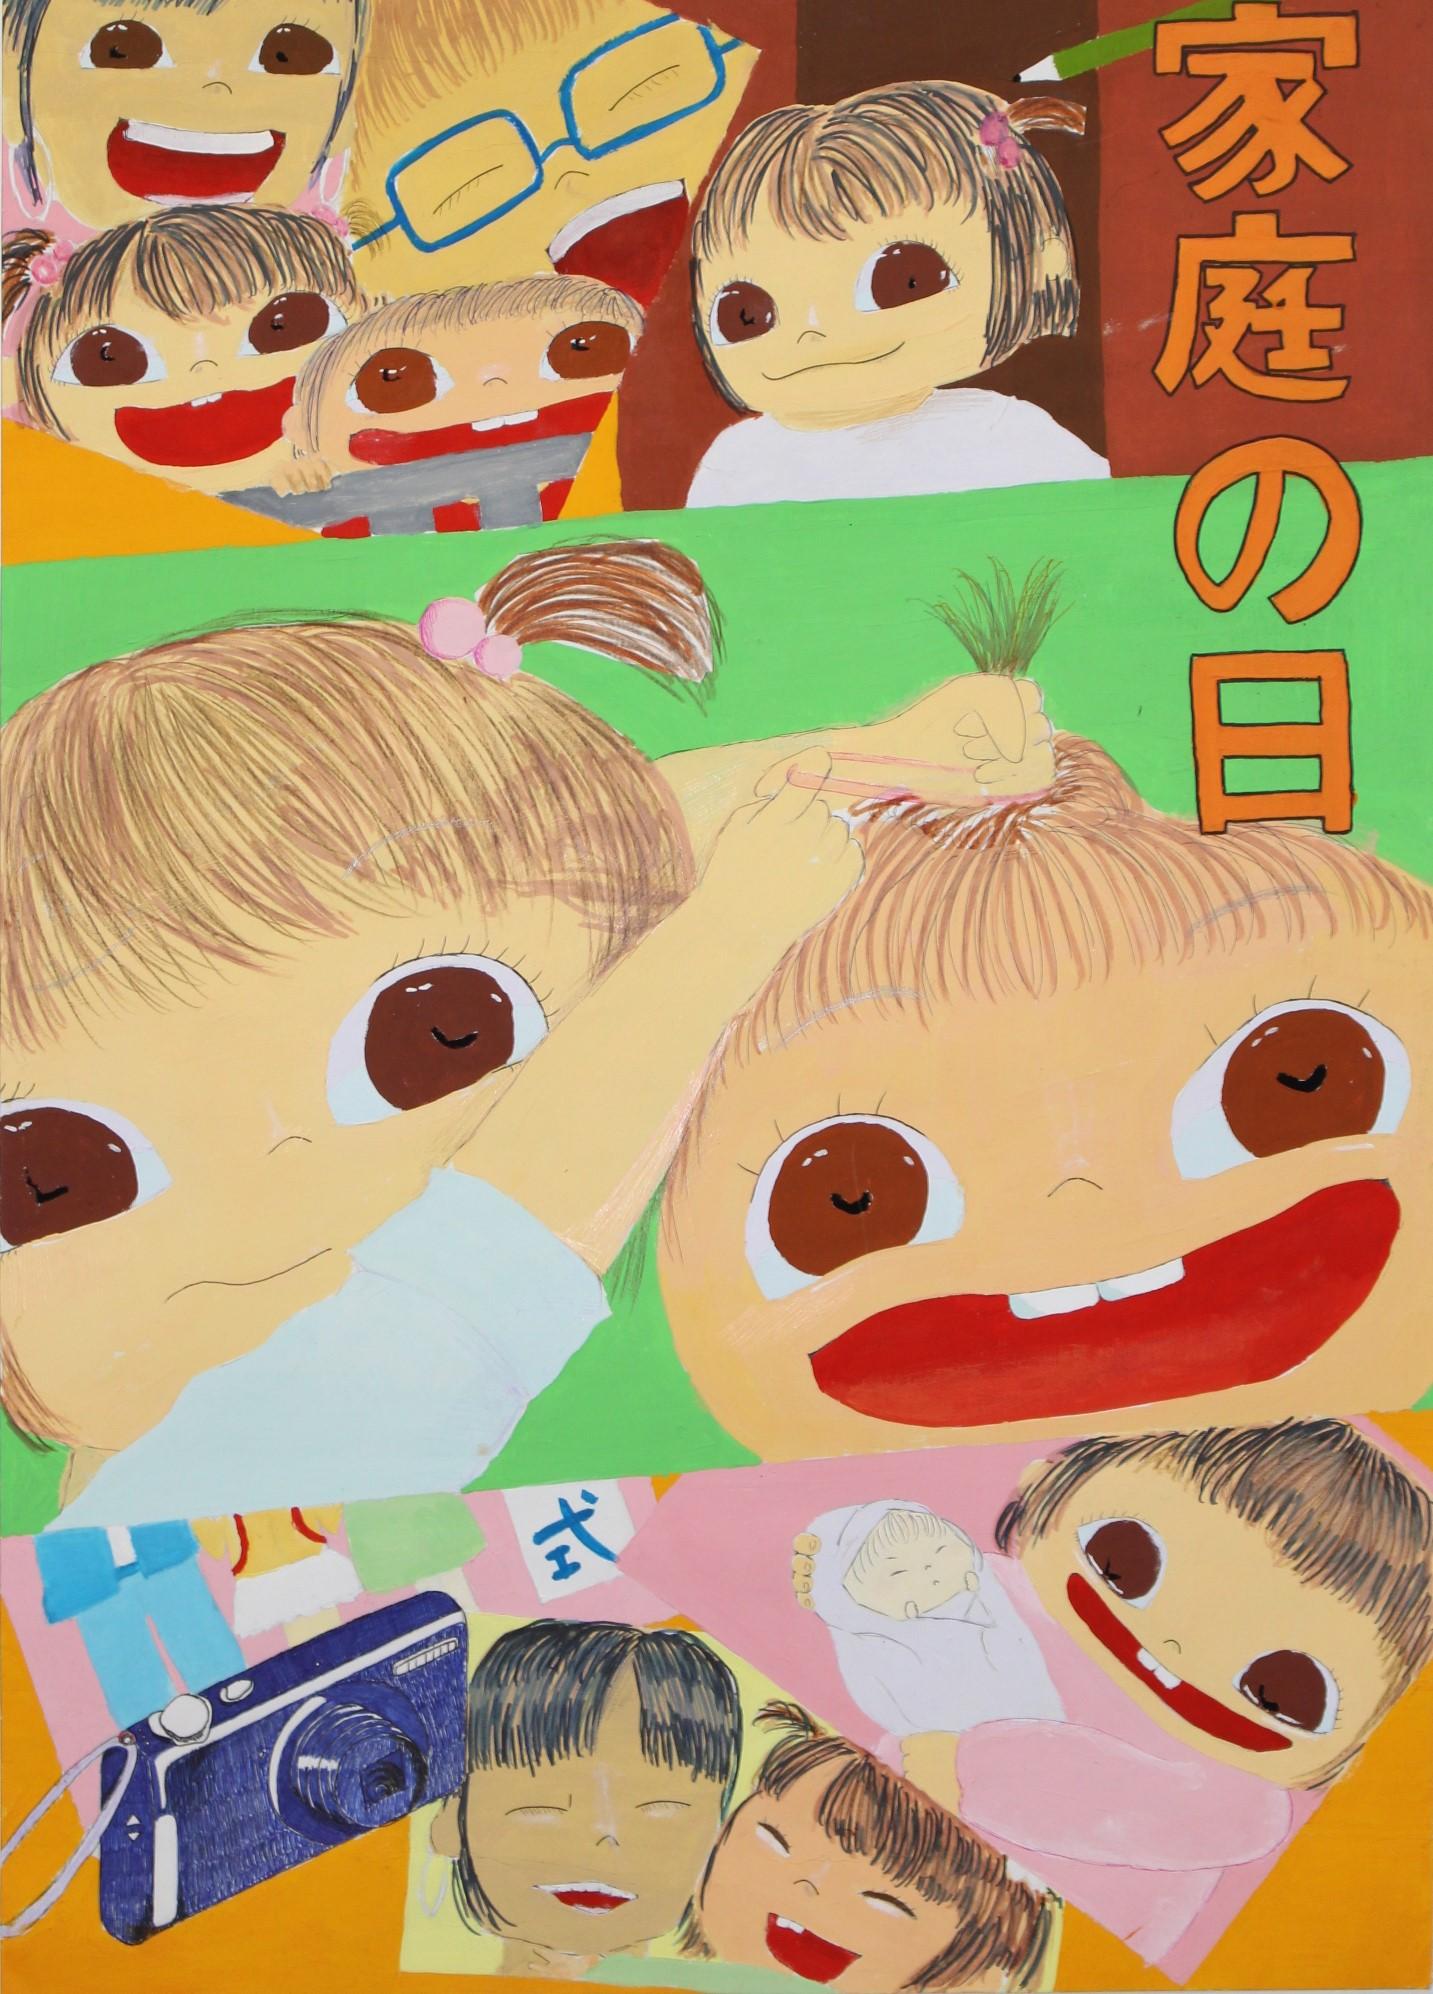 優良賞-宮崎学園高等学校 1年中島 実咲(なかじま みさき)さん